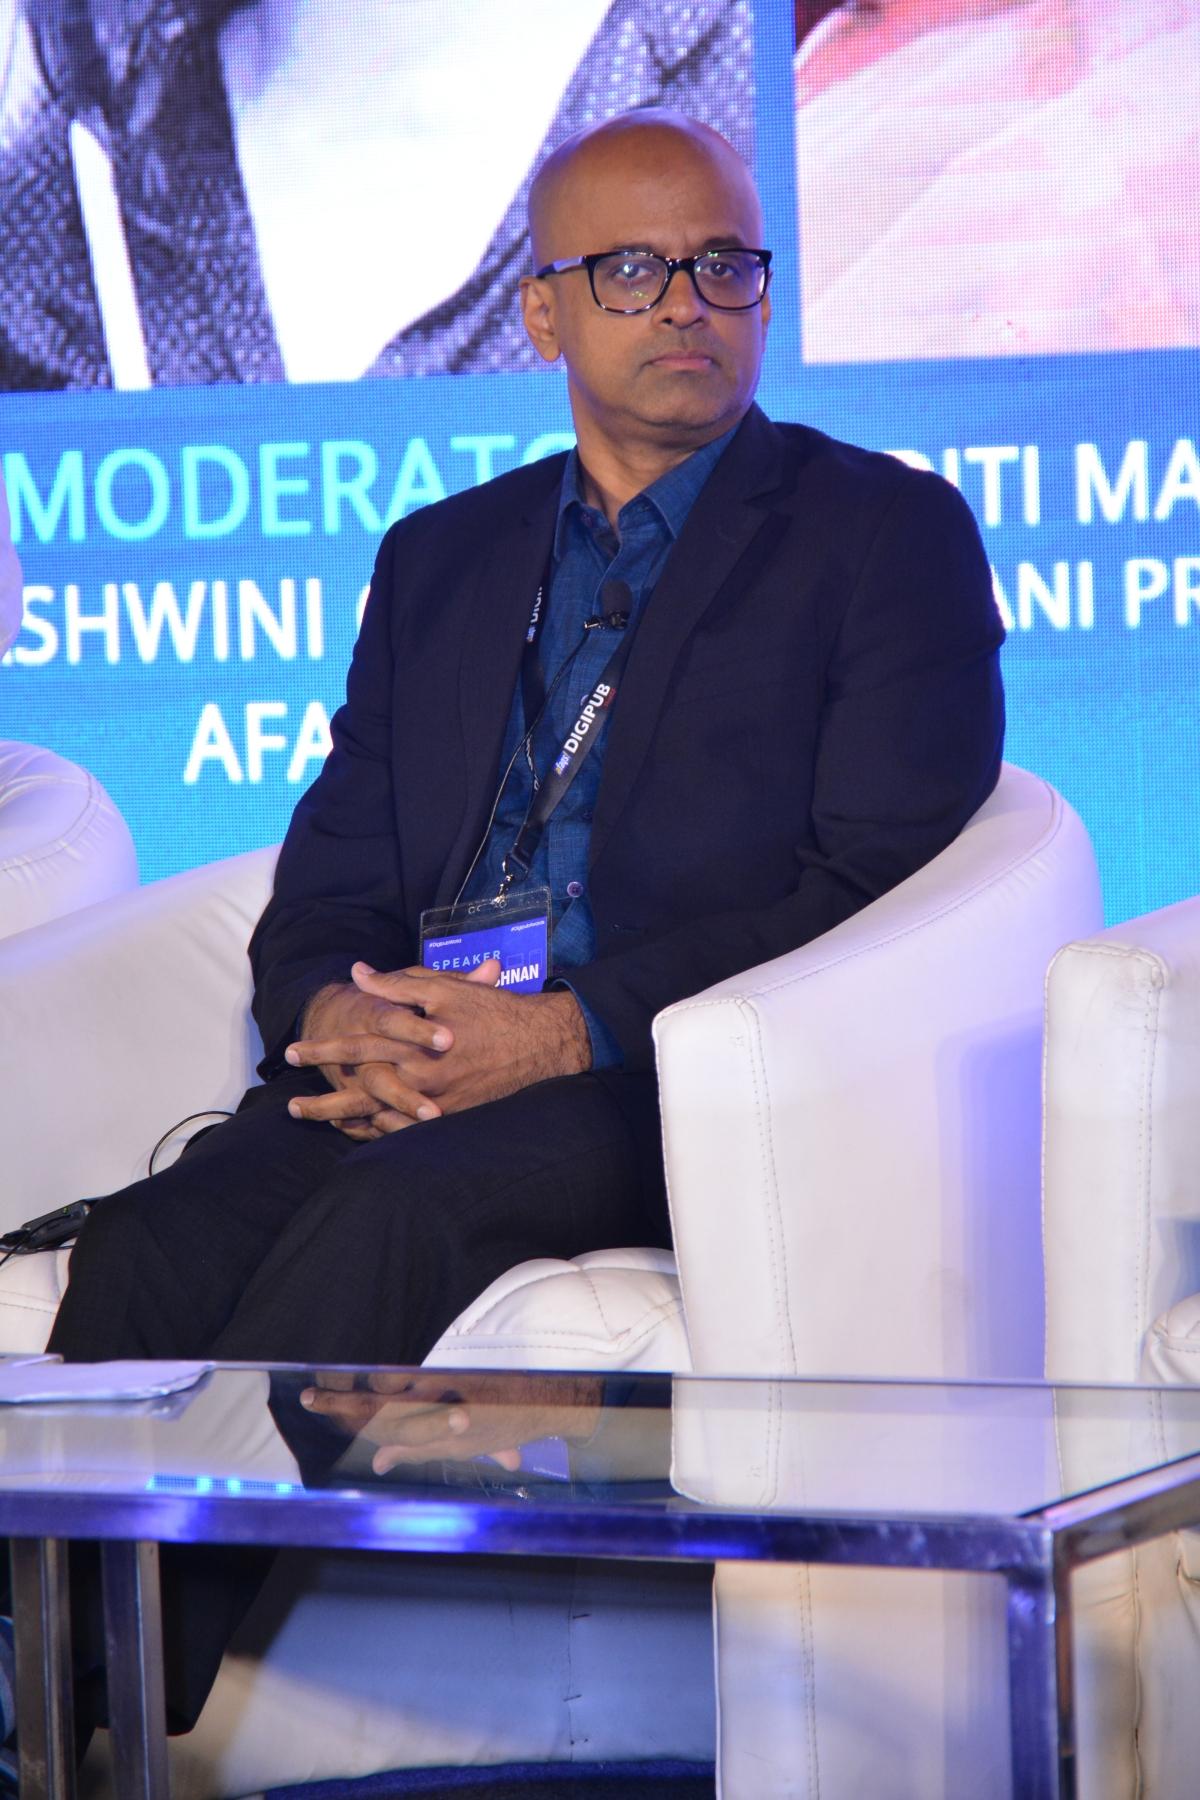 Ramakrishnan Laxman, Head of Digital ABP News